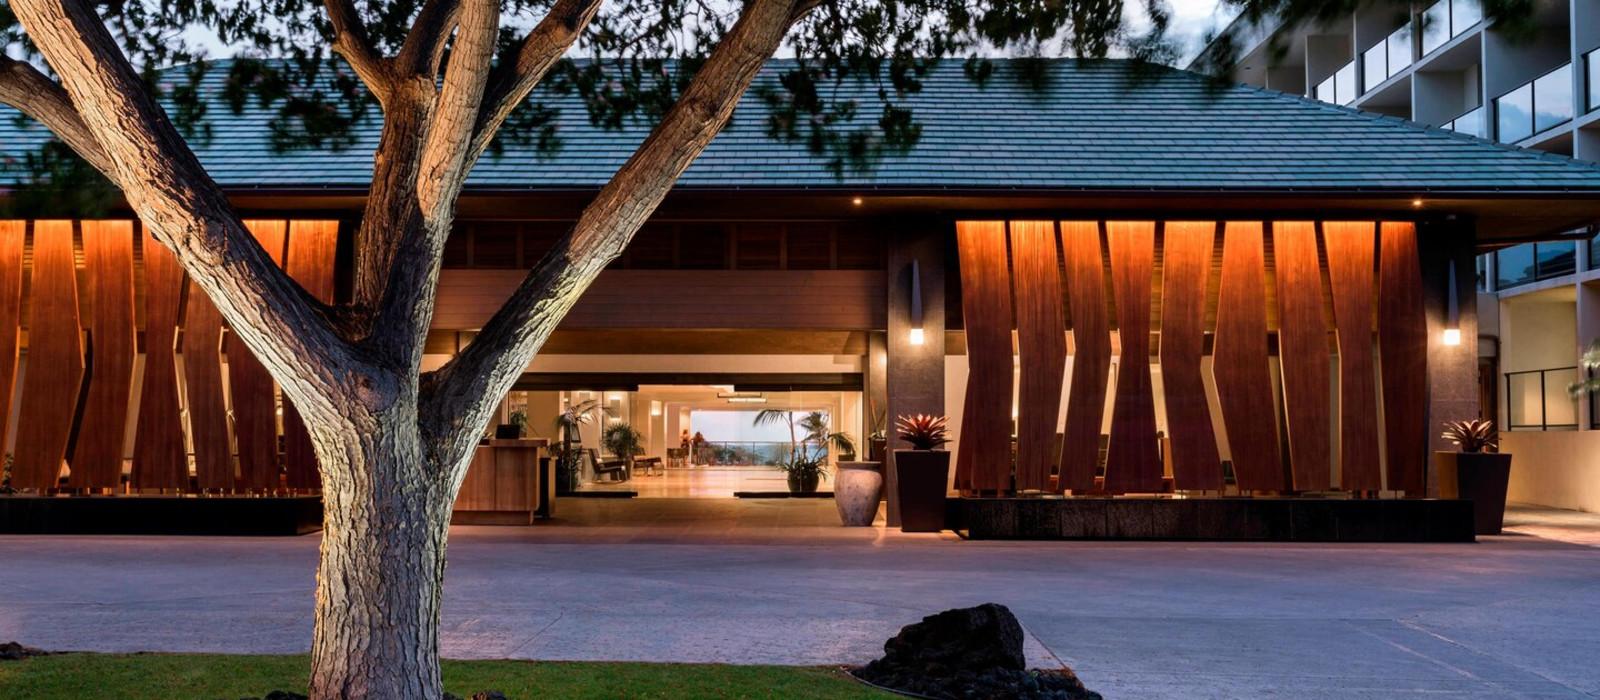 Hotel Waikoloa Beach Marriott Resort & Spa (Kohala Coast, West Side) Hawaii